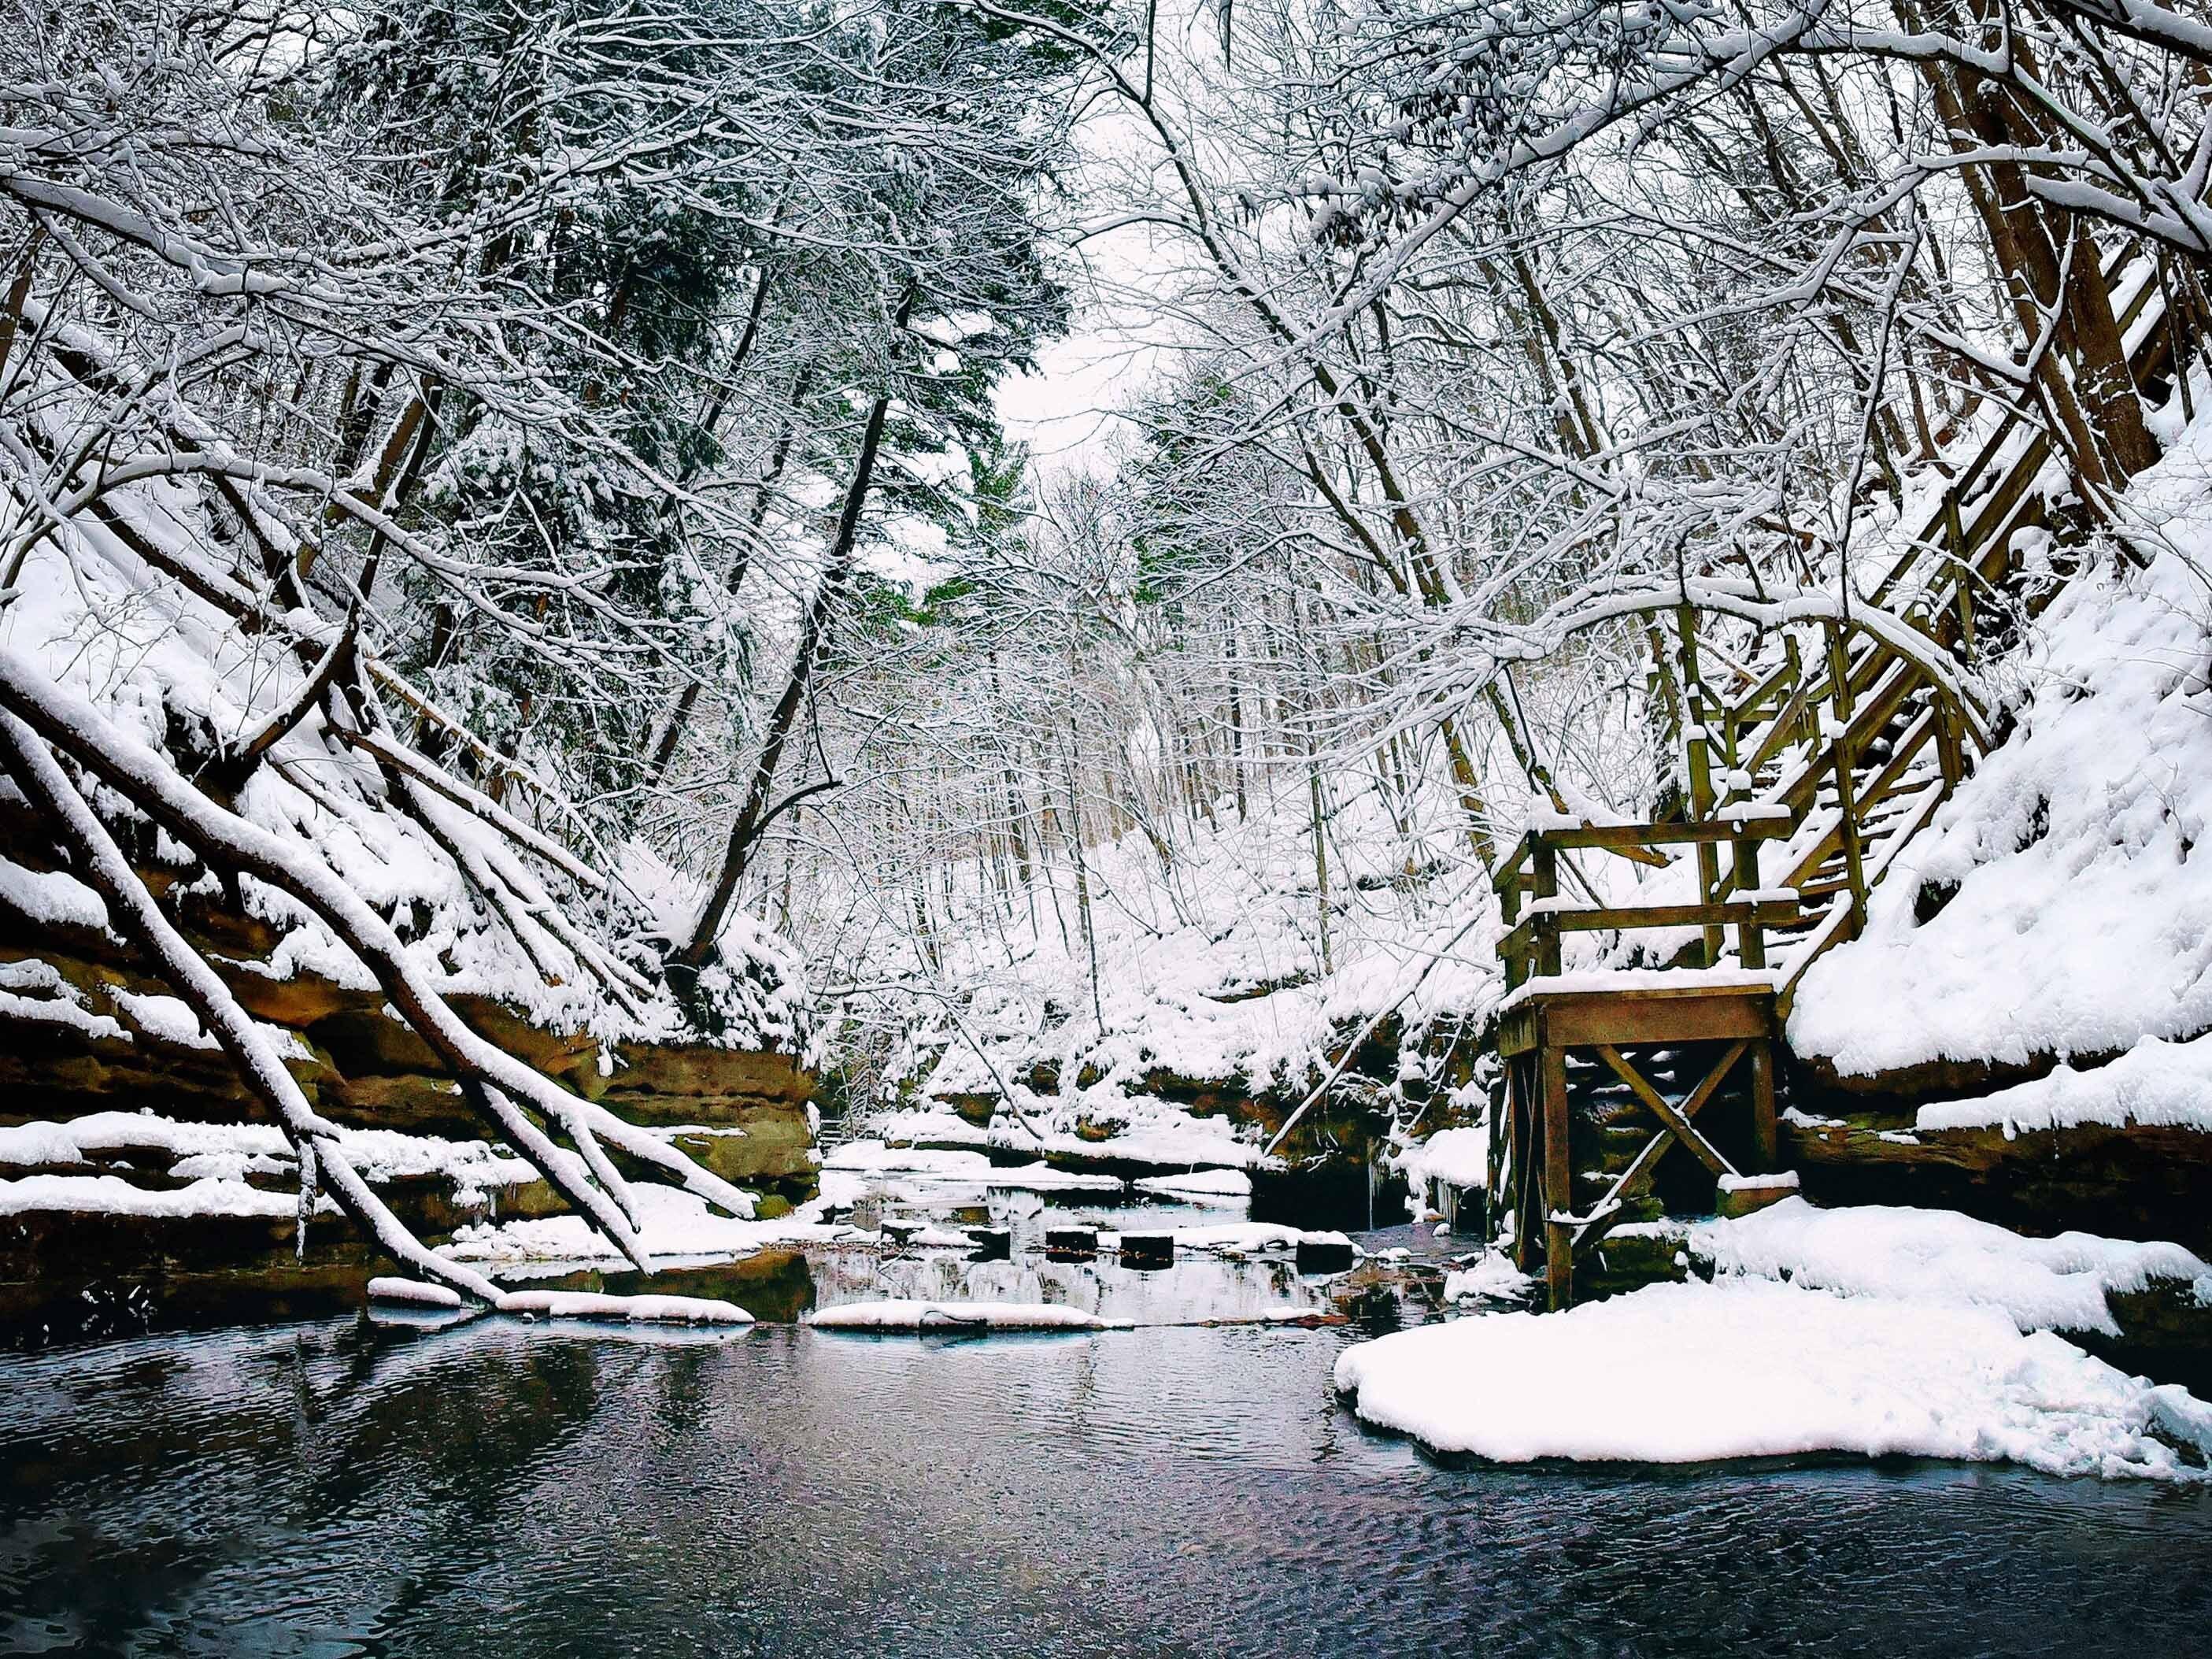 Winter Creek at Matthiessen State Park